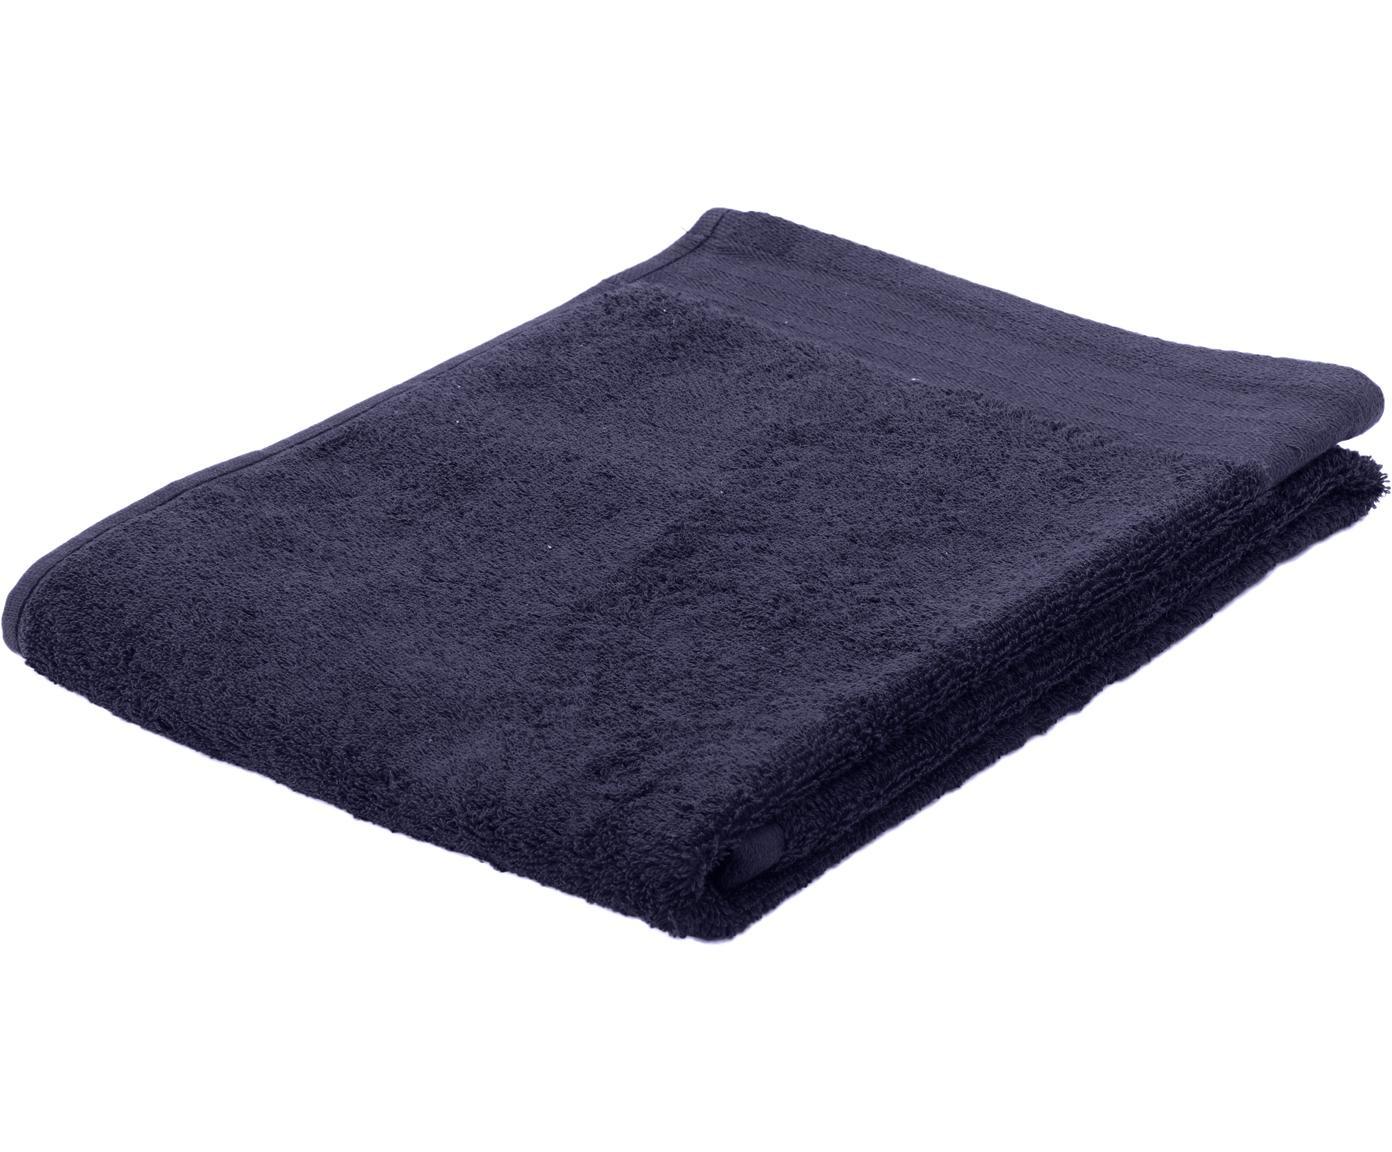 Handdoek Soft Cotton, Katoen, middelzware kwaliteit, 550 g/m², Marineblauw, Gastendoekje